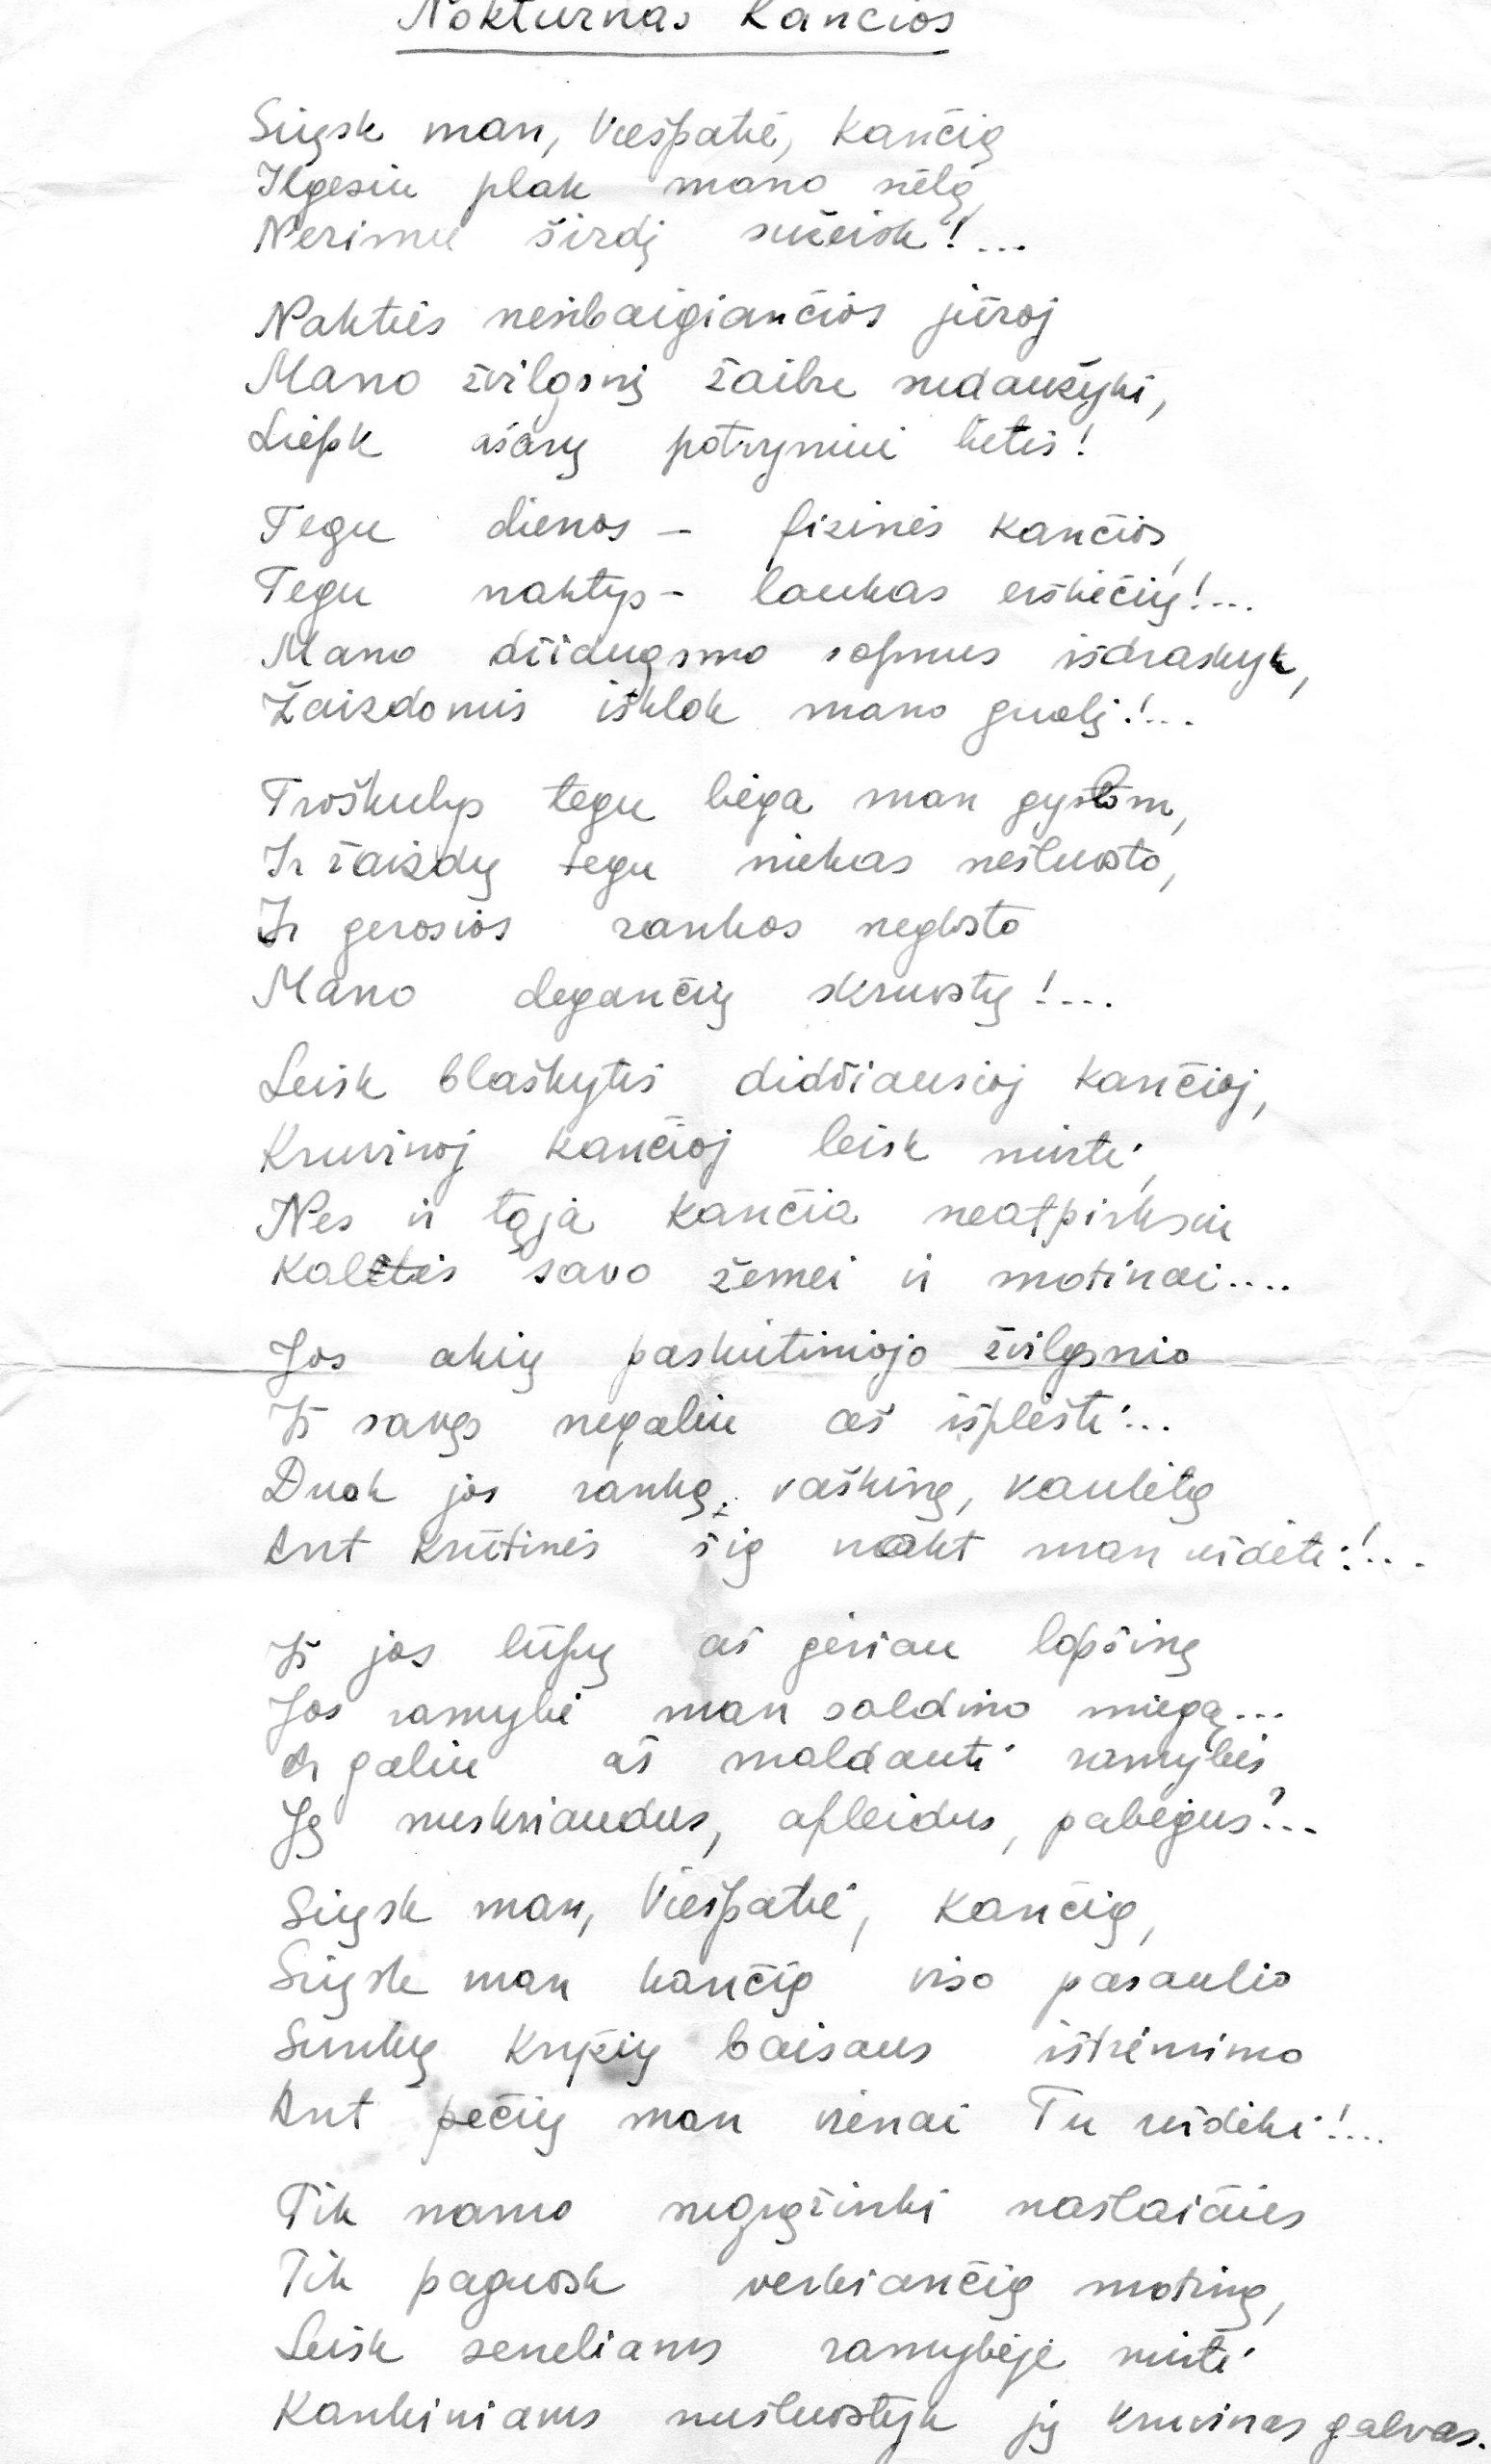 """J. Švabaitės eilėraštis """"Noktiurnas kančios"""""""